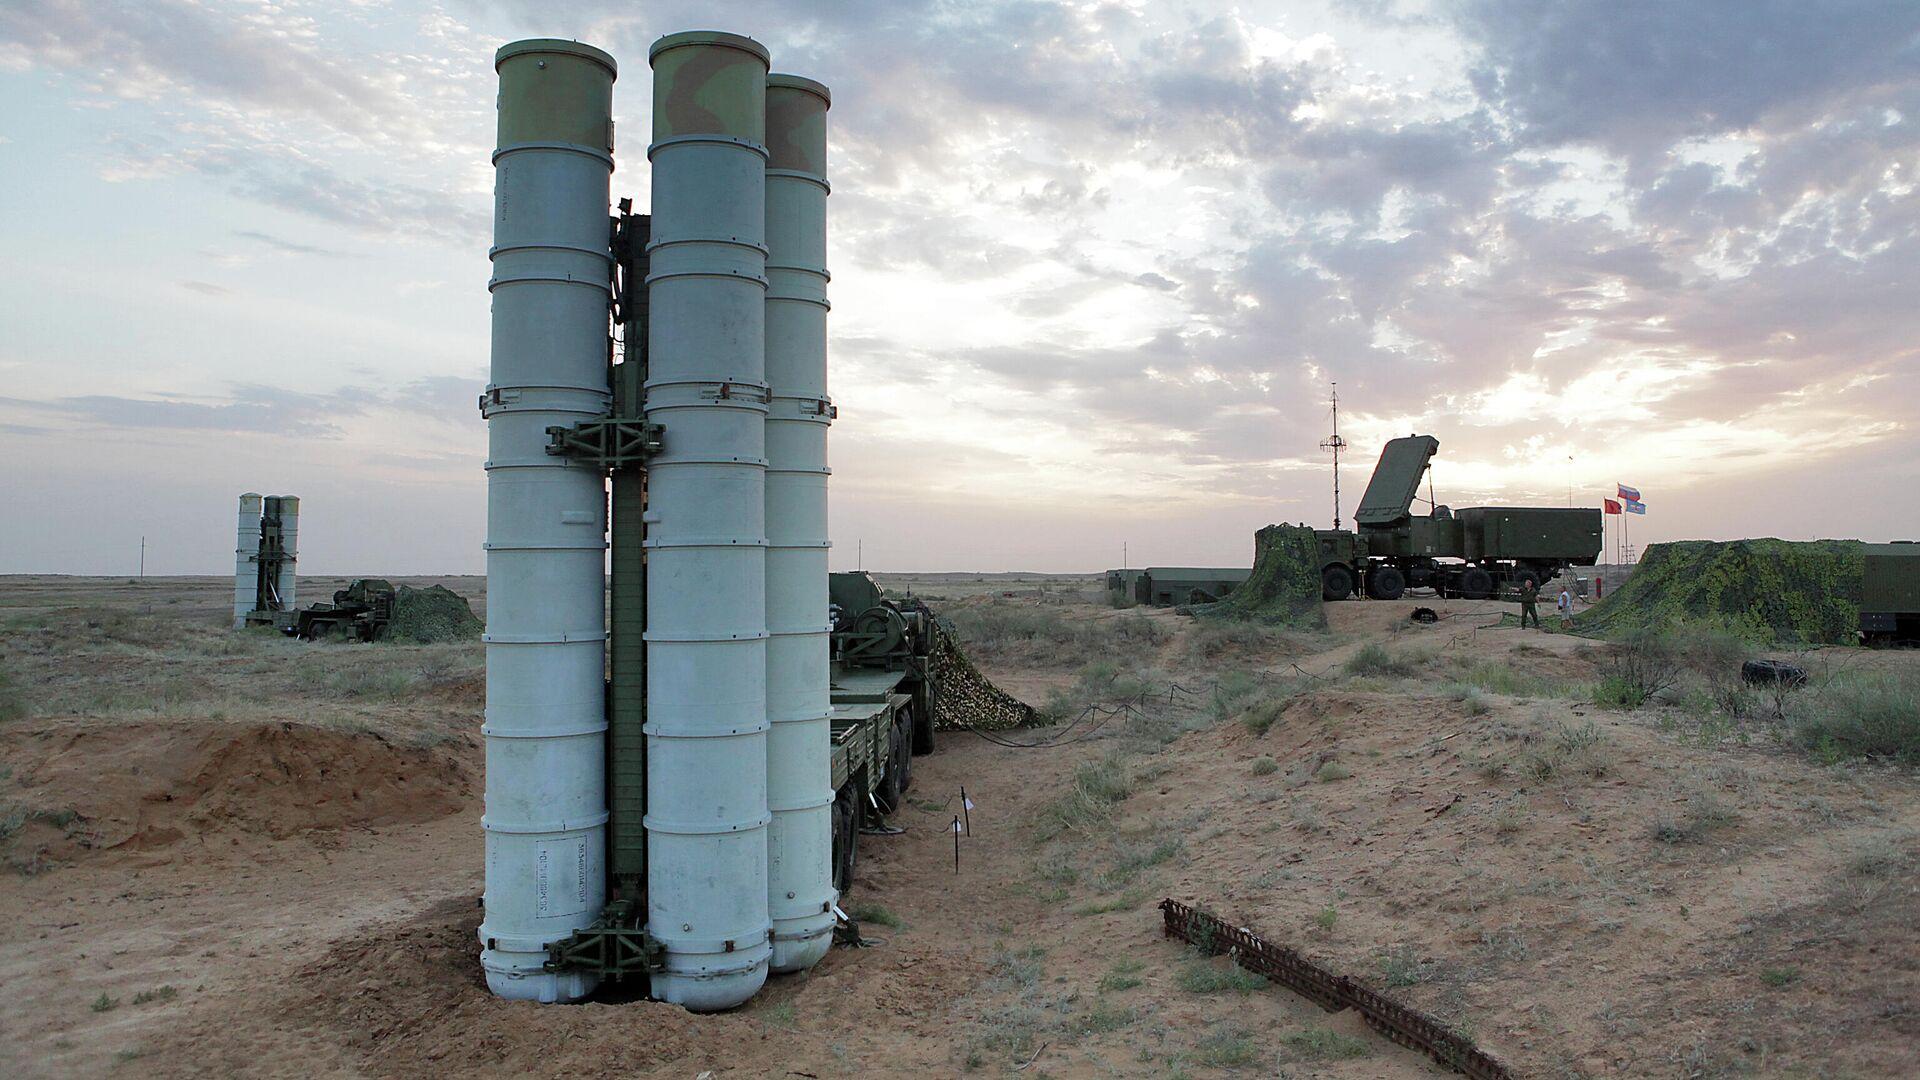 Подготовка к стрельбам зенитных ракетных систем С-400 Триумф на полигоне Ашулук  - РИА Новости, 1920, 25.05.2021